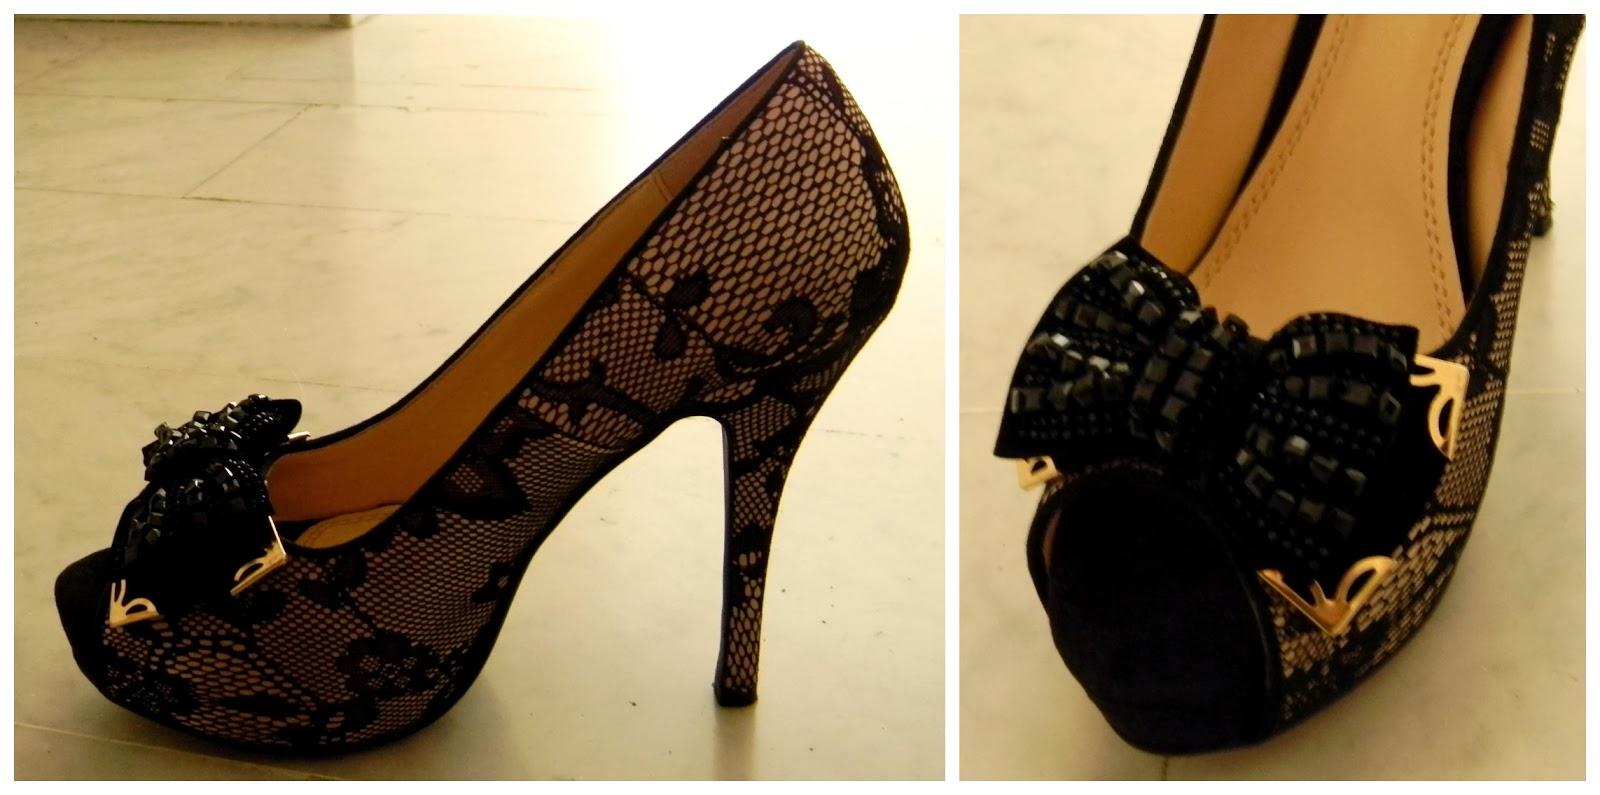 Le ho indossate alla mia laurea e sono tra le scarpe più belle che io abbia  mai visto (tra l altro adoro il ... 53137756912